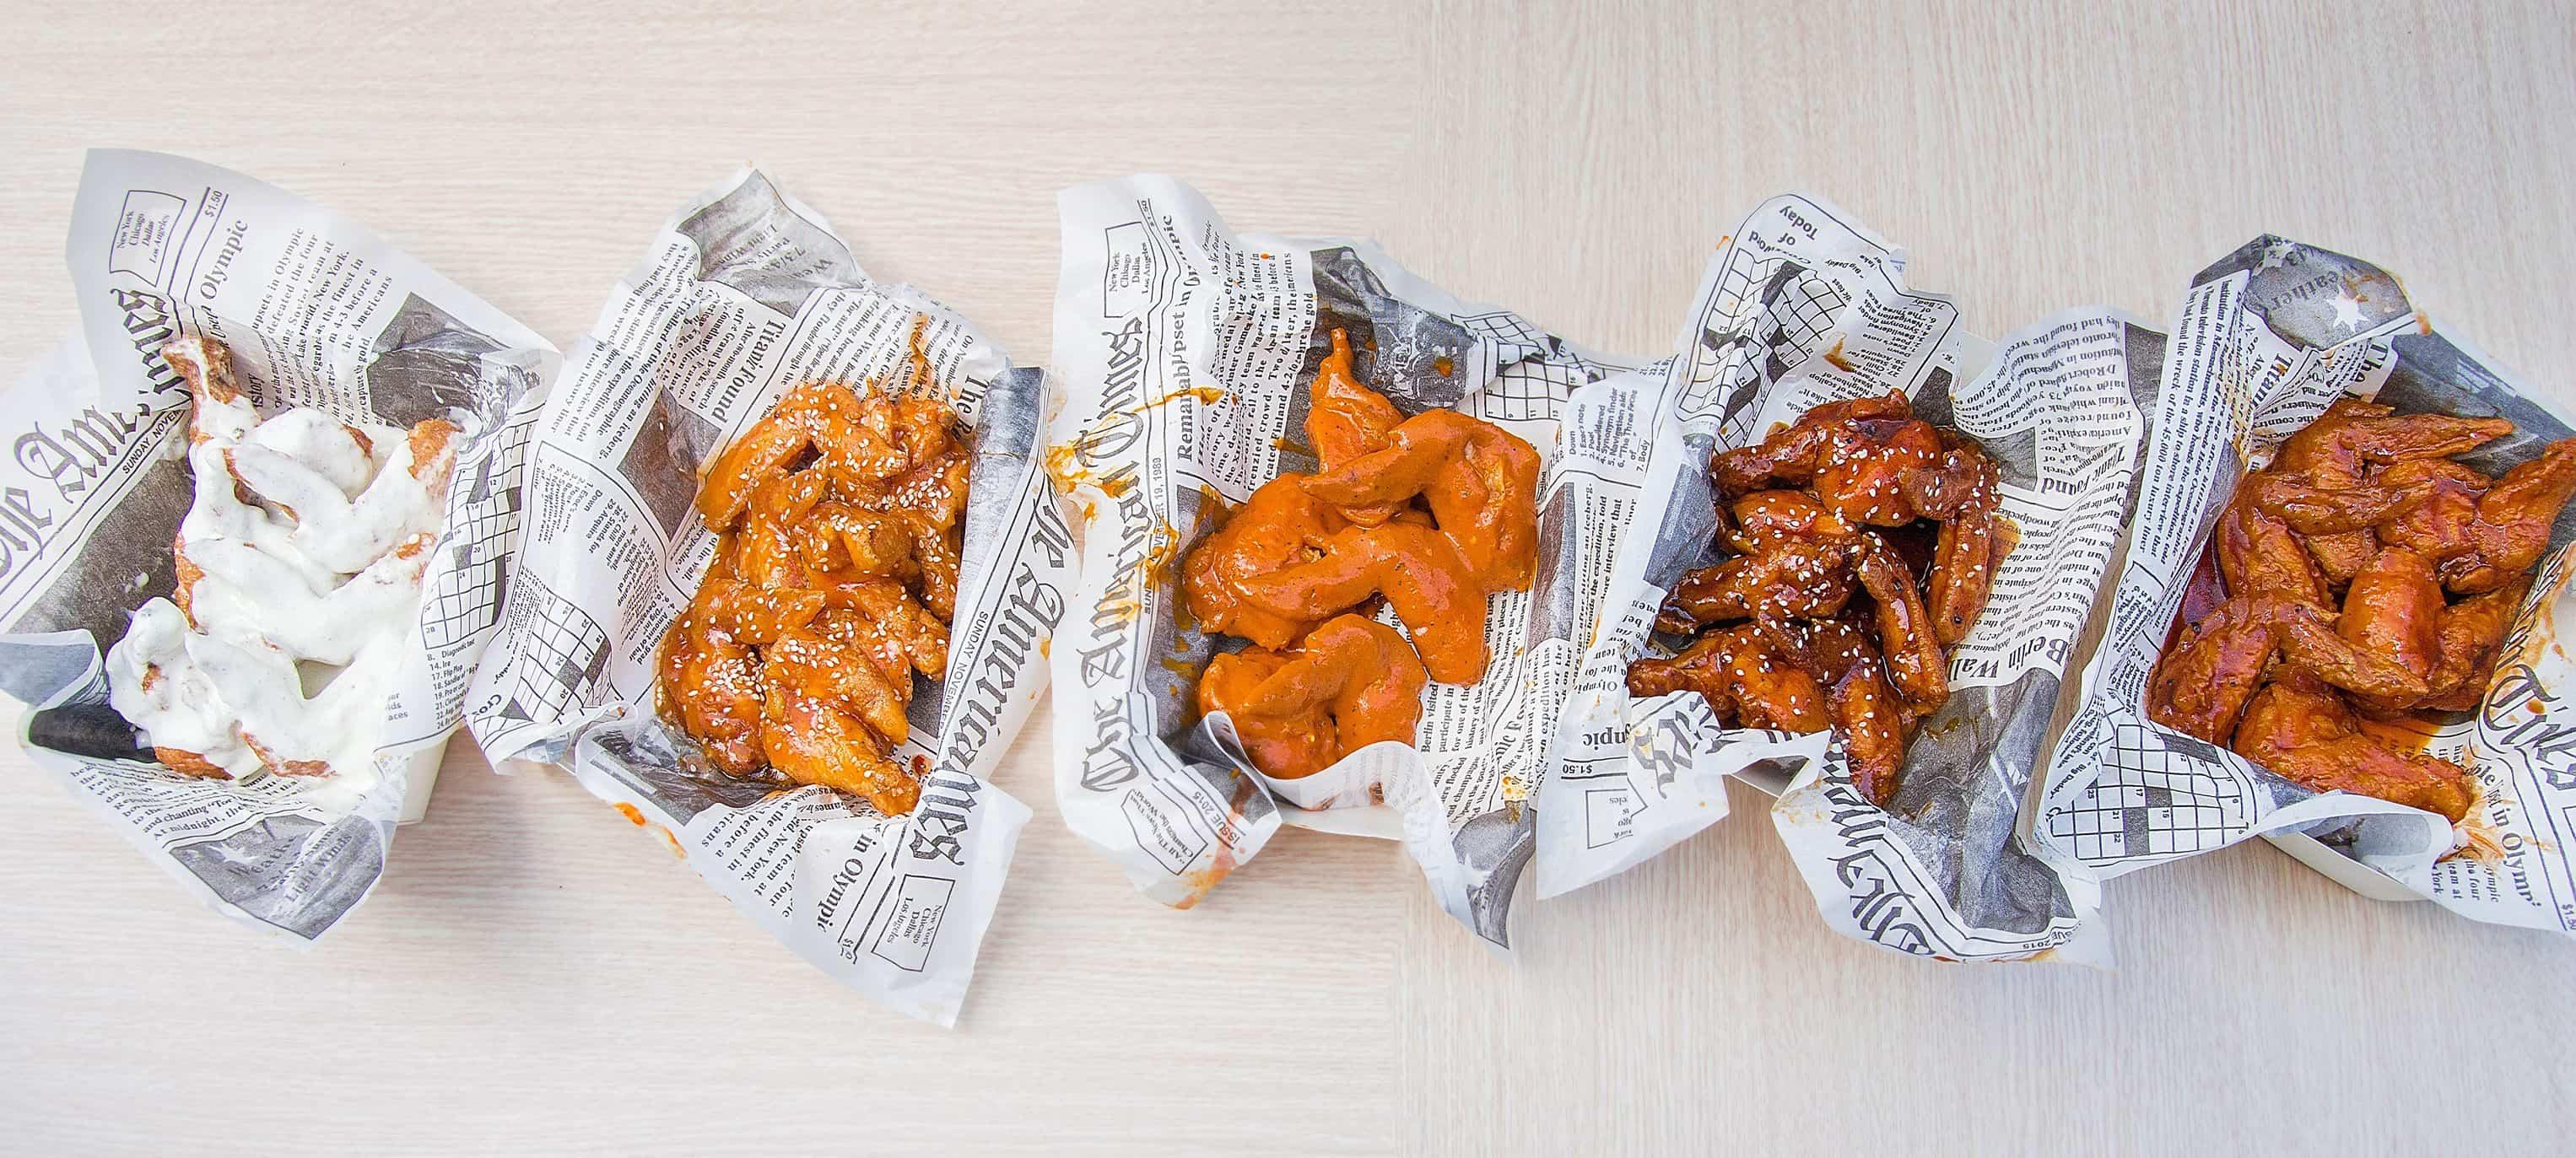 Browingz Unli Chicken Cebu (2)